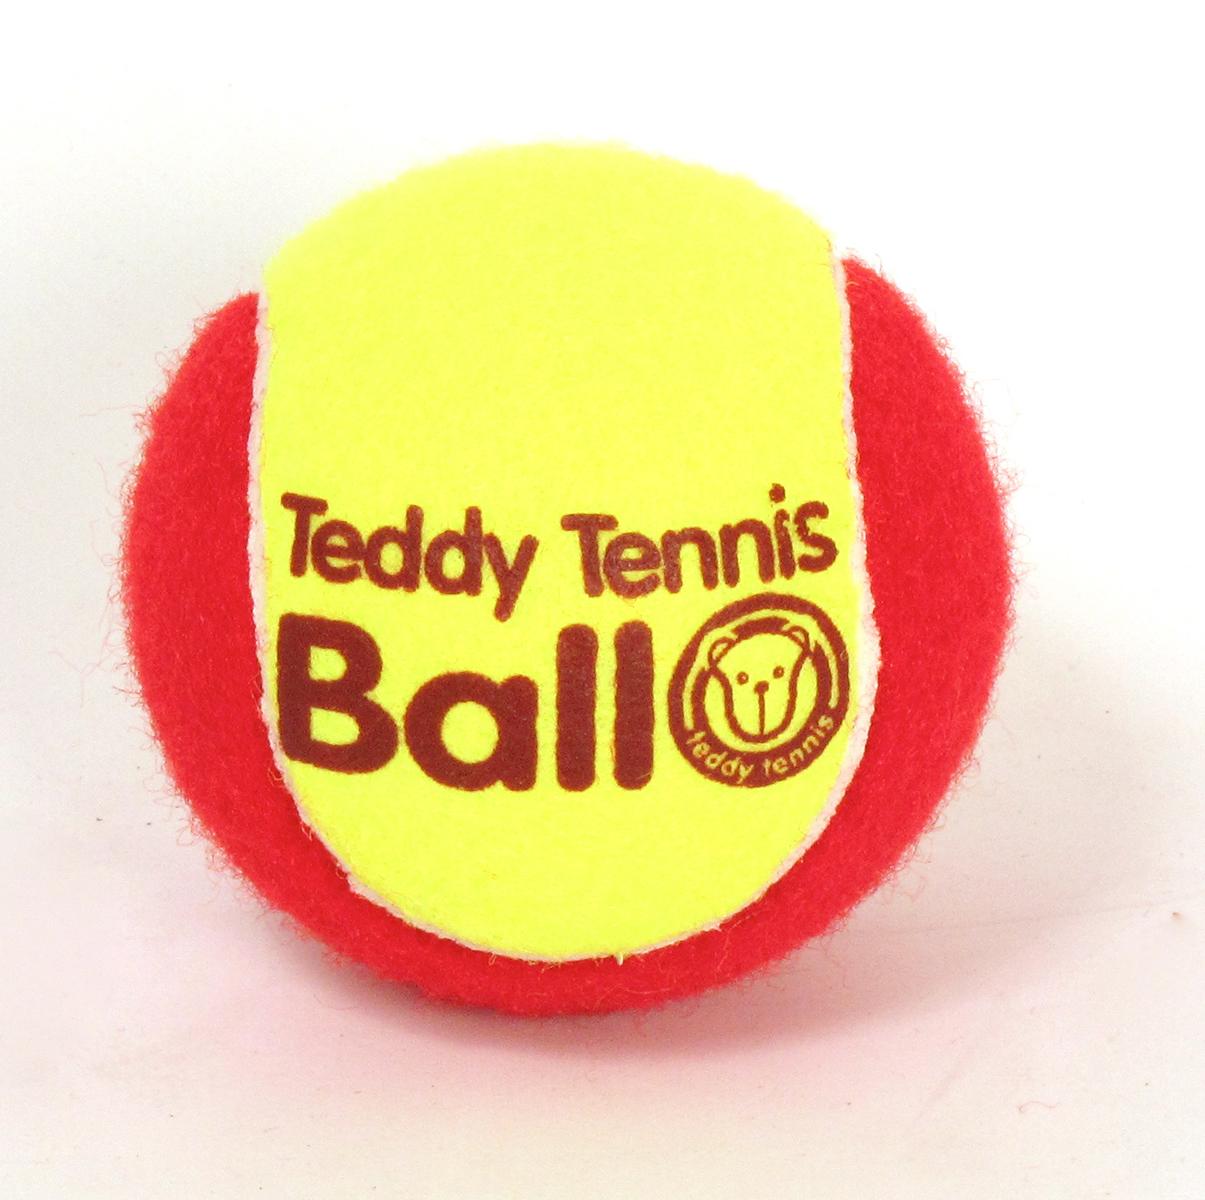 Children's Tennis Balls